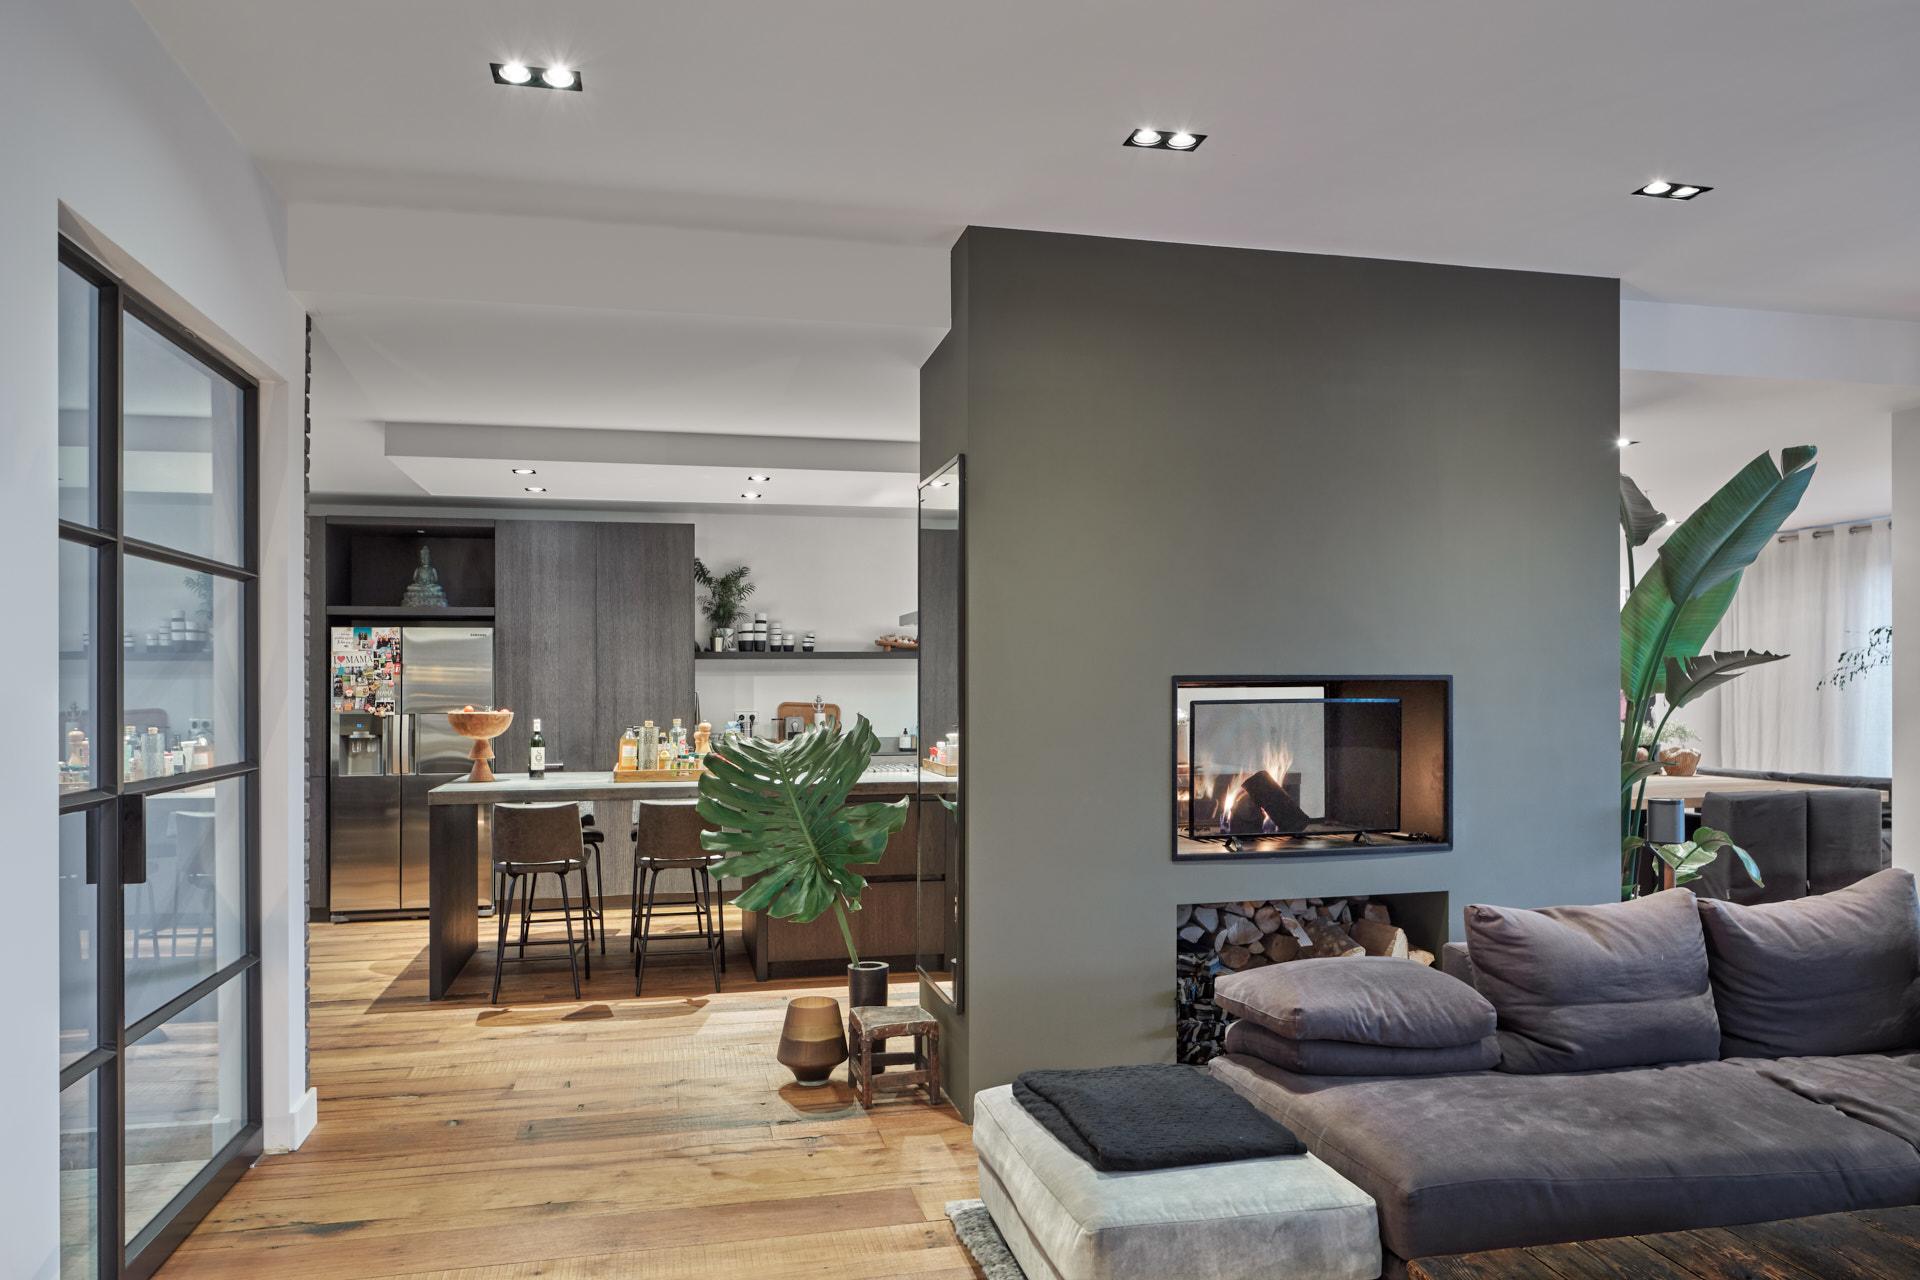 Warm modern interieurontwerp voor de nieuwbouw Villa Vinkeveen door architectenbureau Maxim Winkelaar uit Amsterdam.